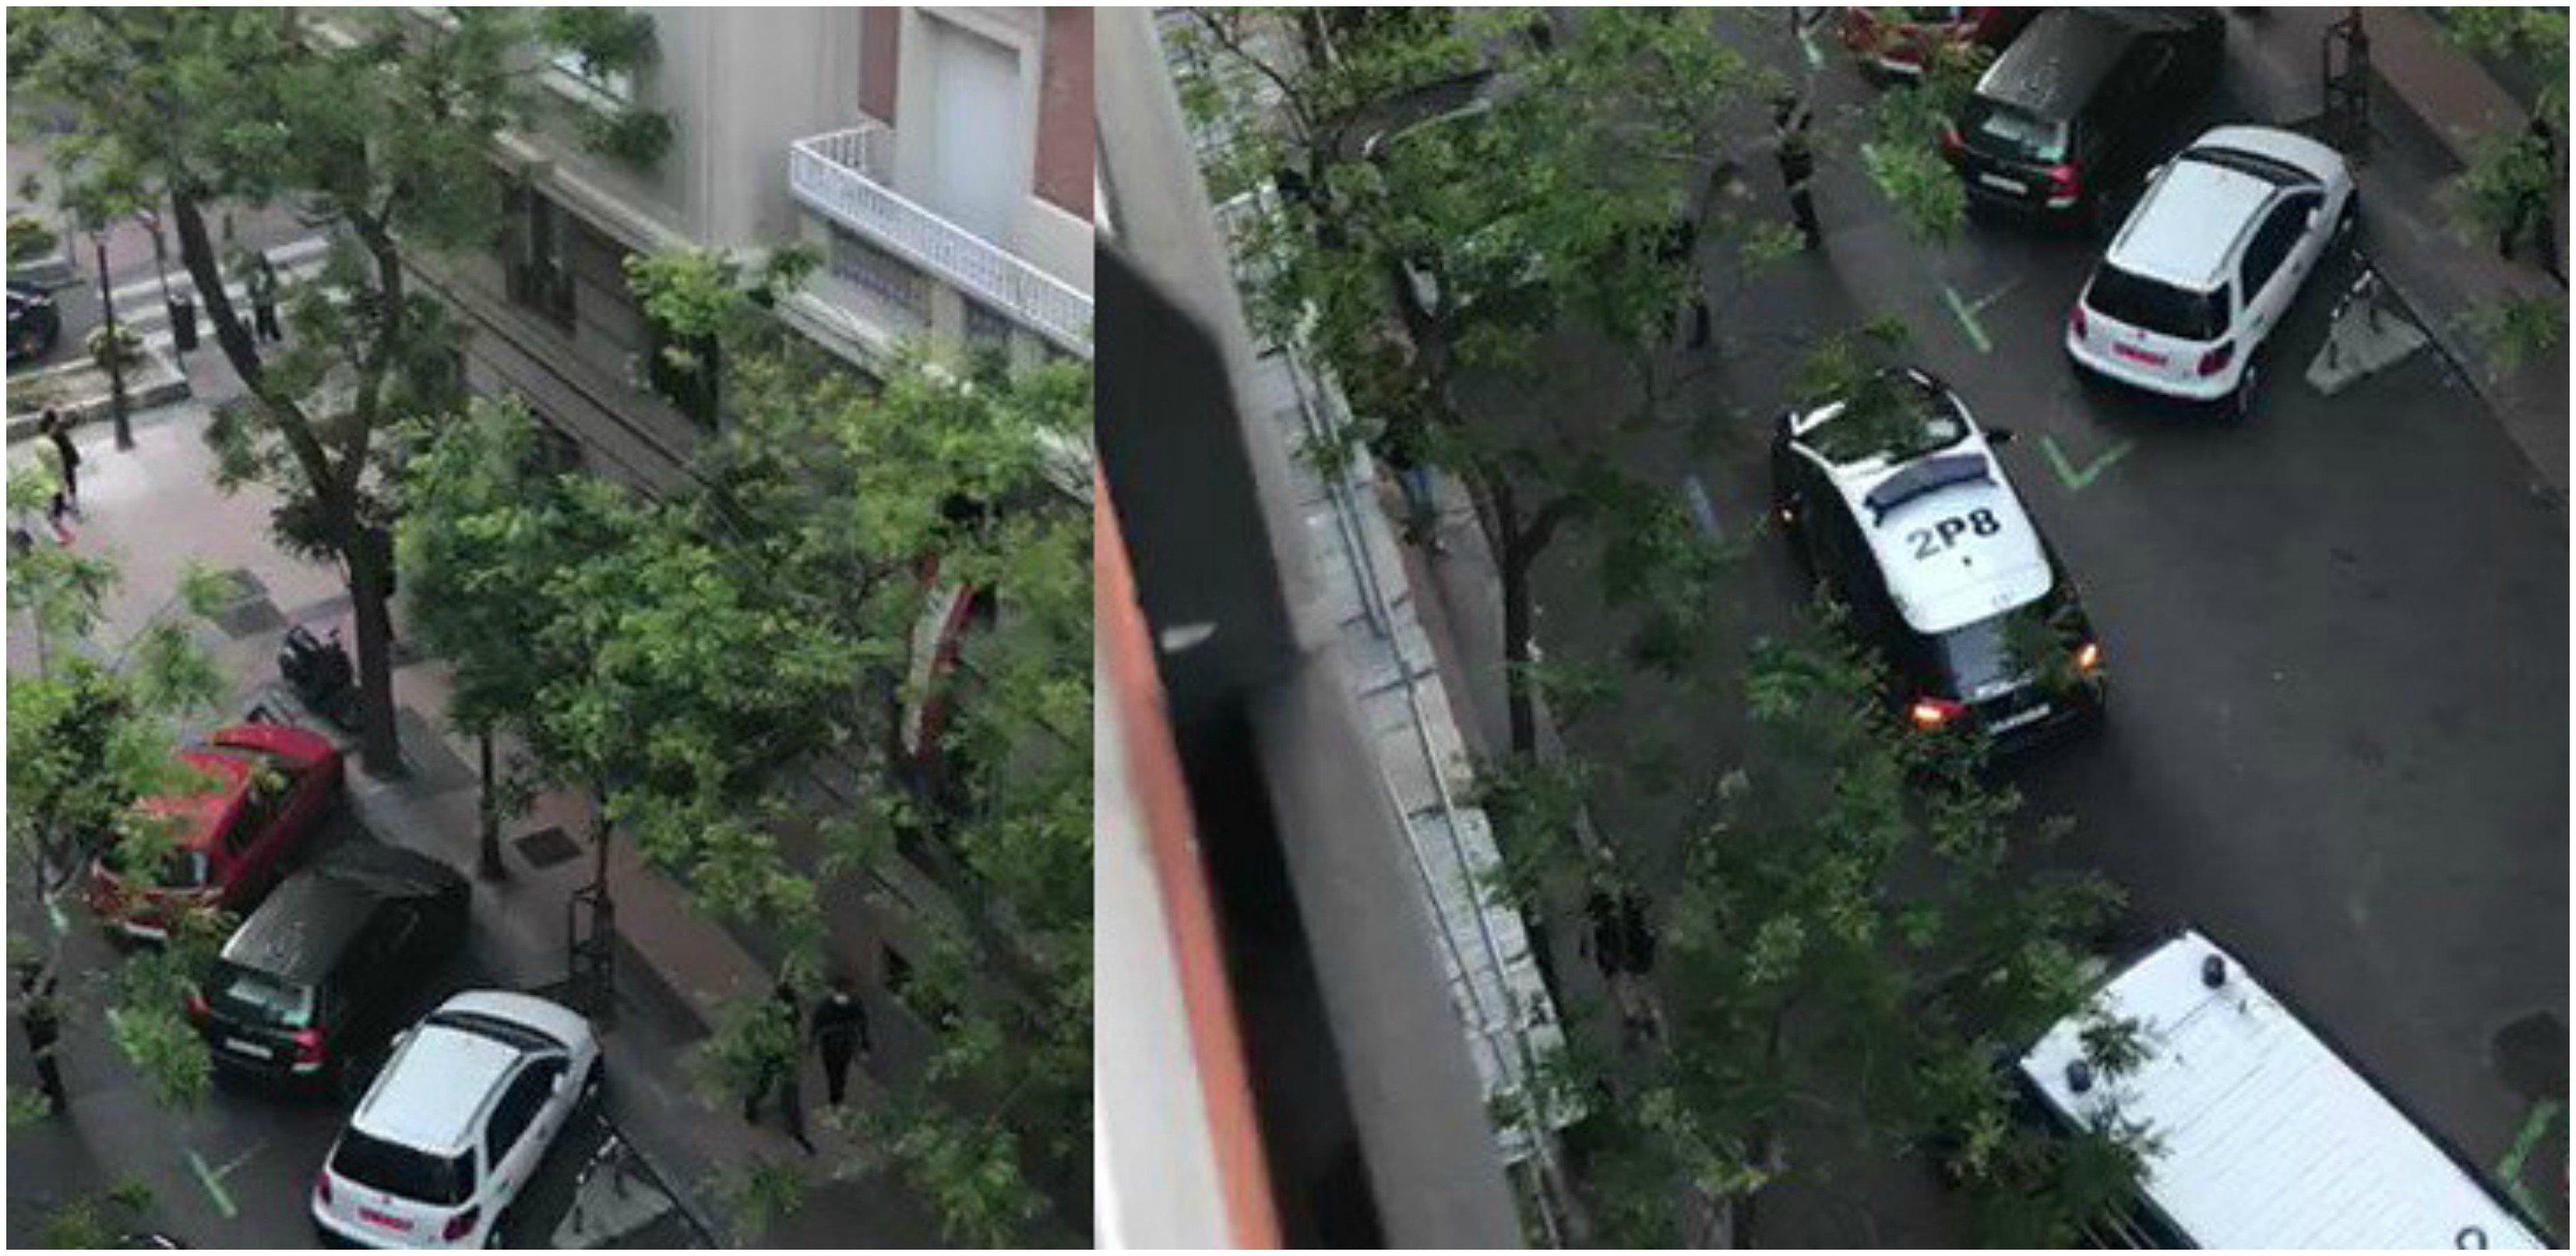 Ayer domingo la policía llegó a acudir a la calle Núñez de Balboa para intimidar a la gente.